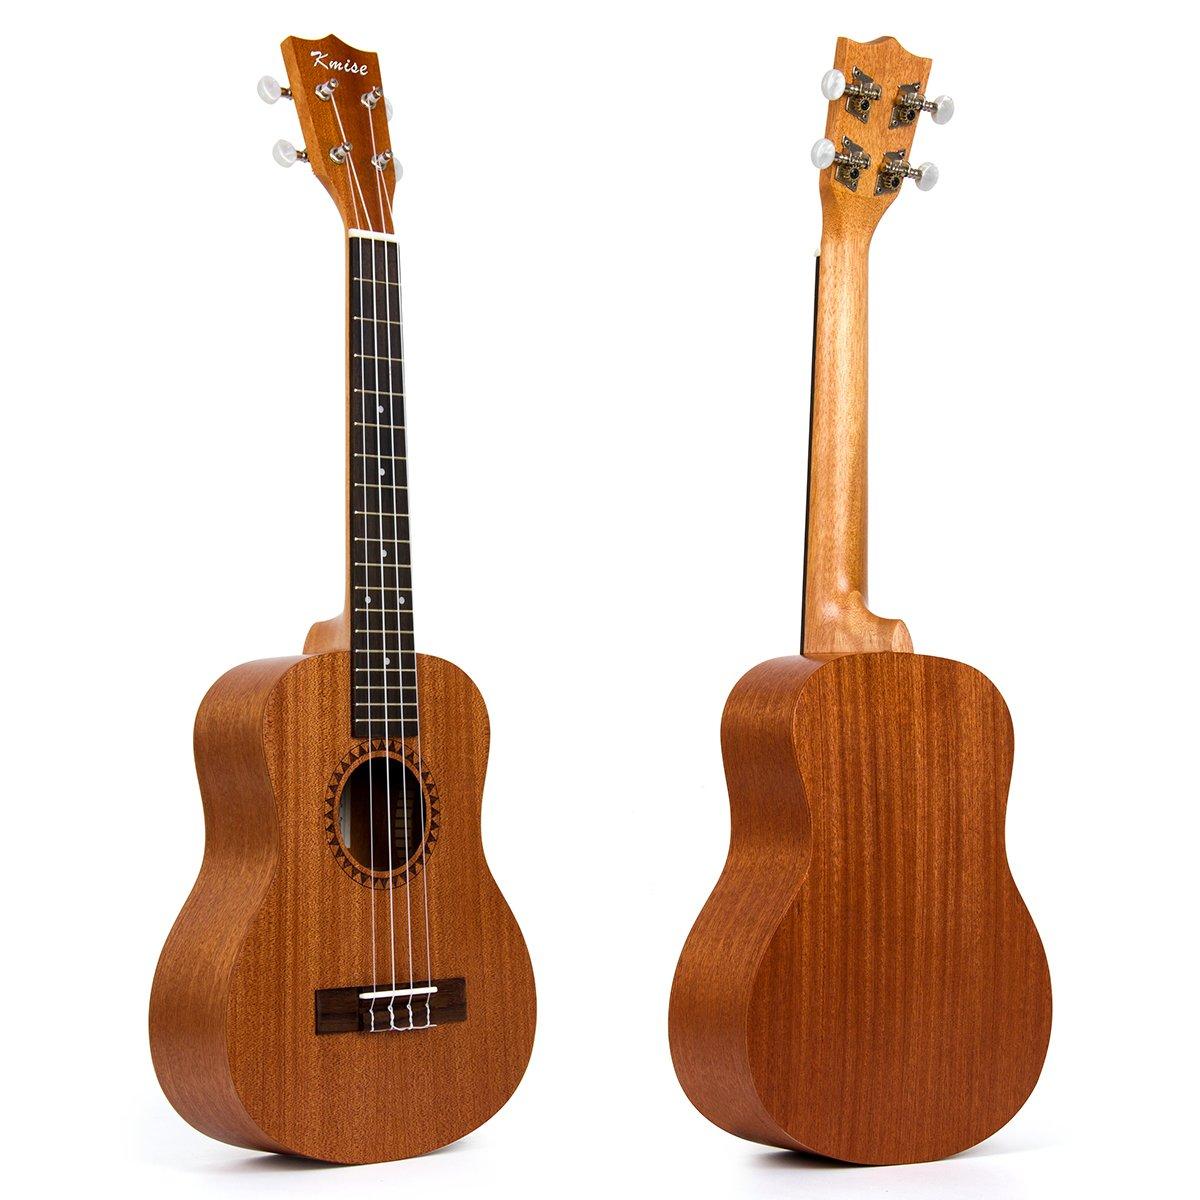 Tenor Ukulele 26 inch Ukelele Hawaiian Guitar With Aquila Ukele Strings (Ukulele-A7) by Kmise